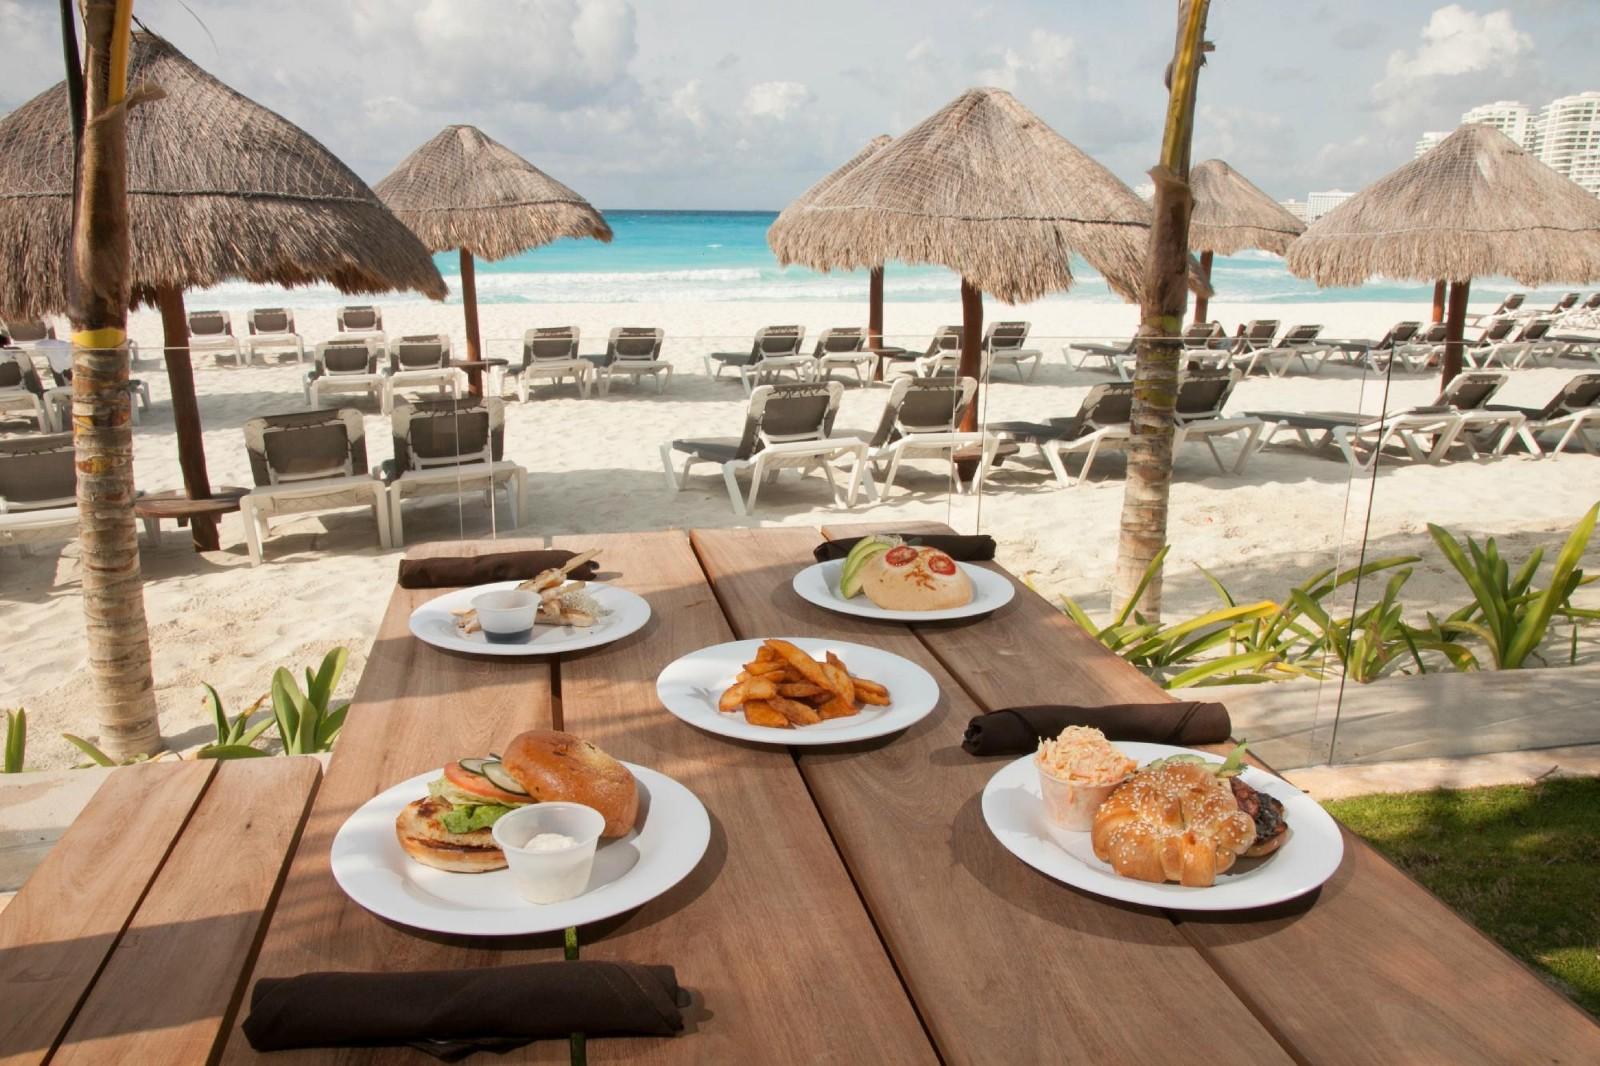 Best Local Restaurants in Cancun – Gaurav Mishra – Medium